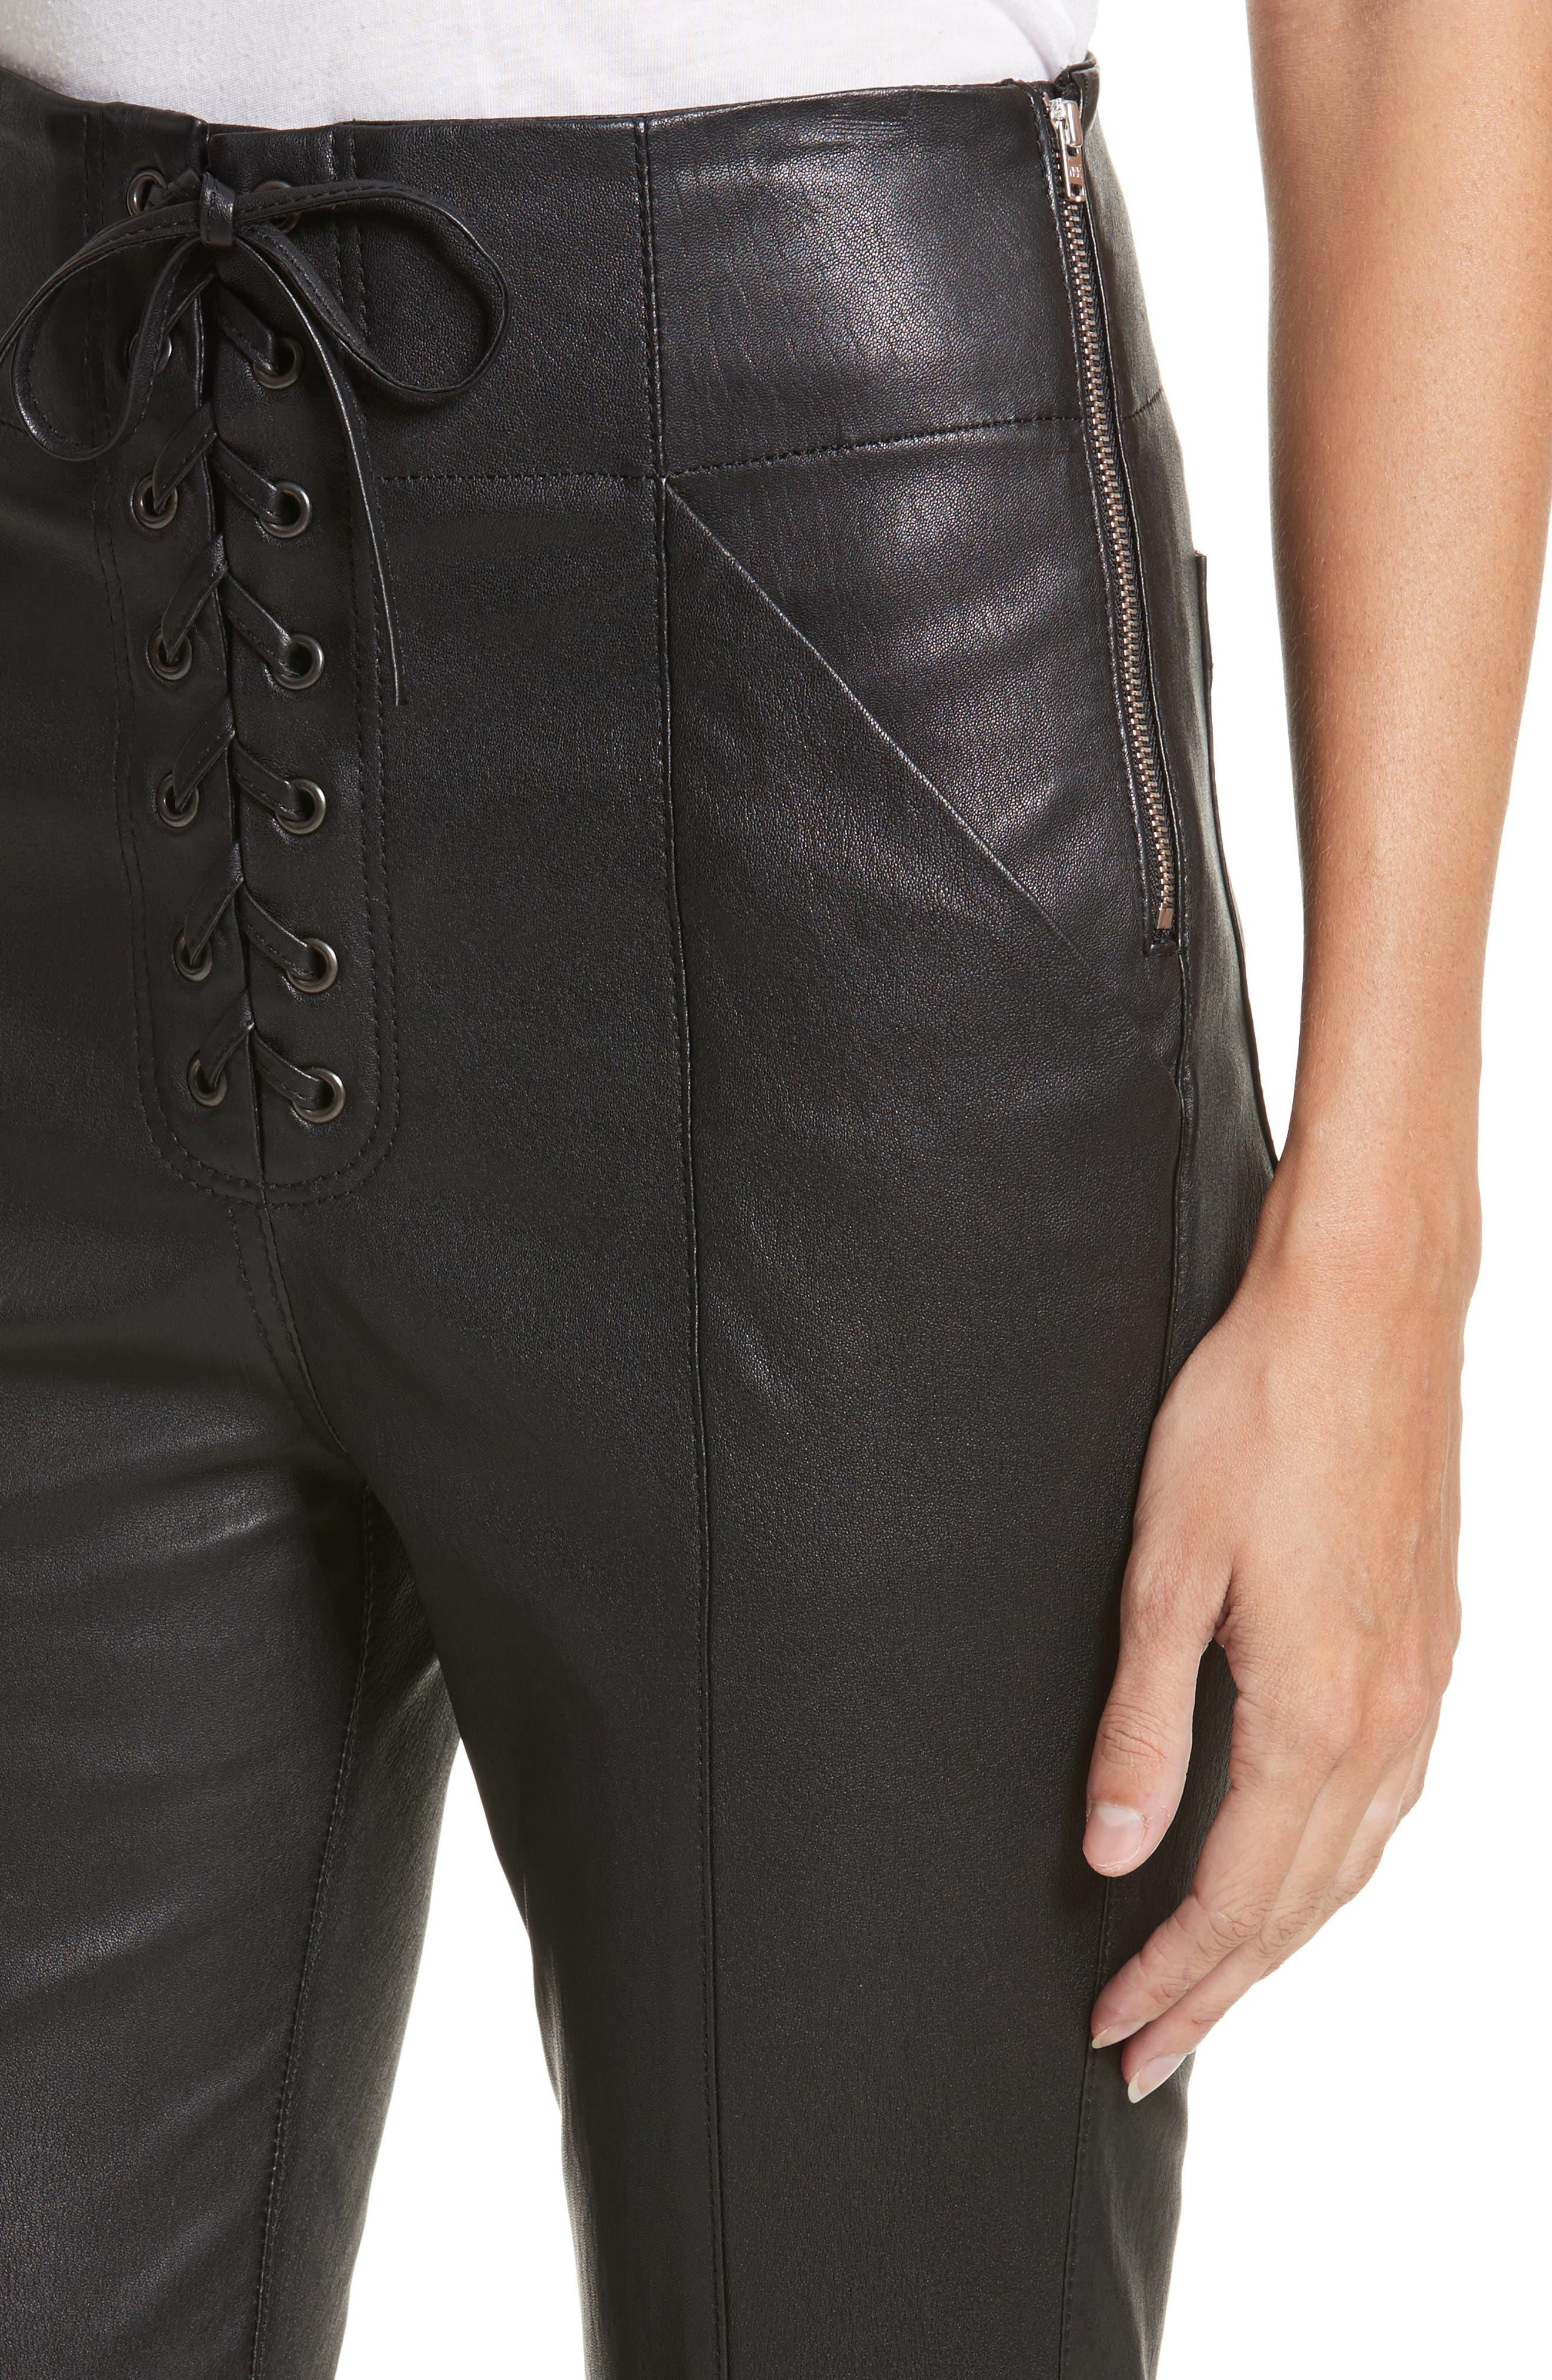 Delia Lace Up Leather Pants,                             Alternate thumbnail 4, color,                             001